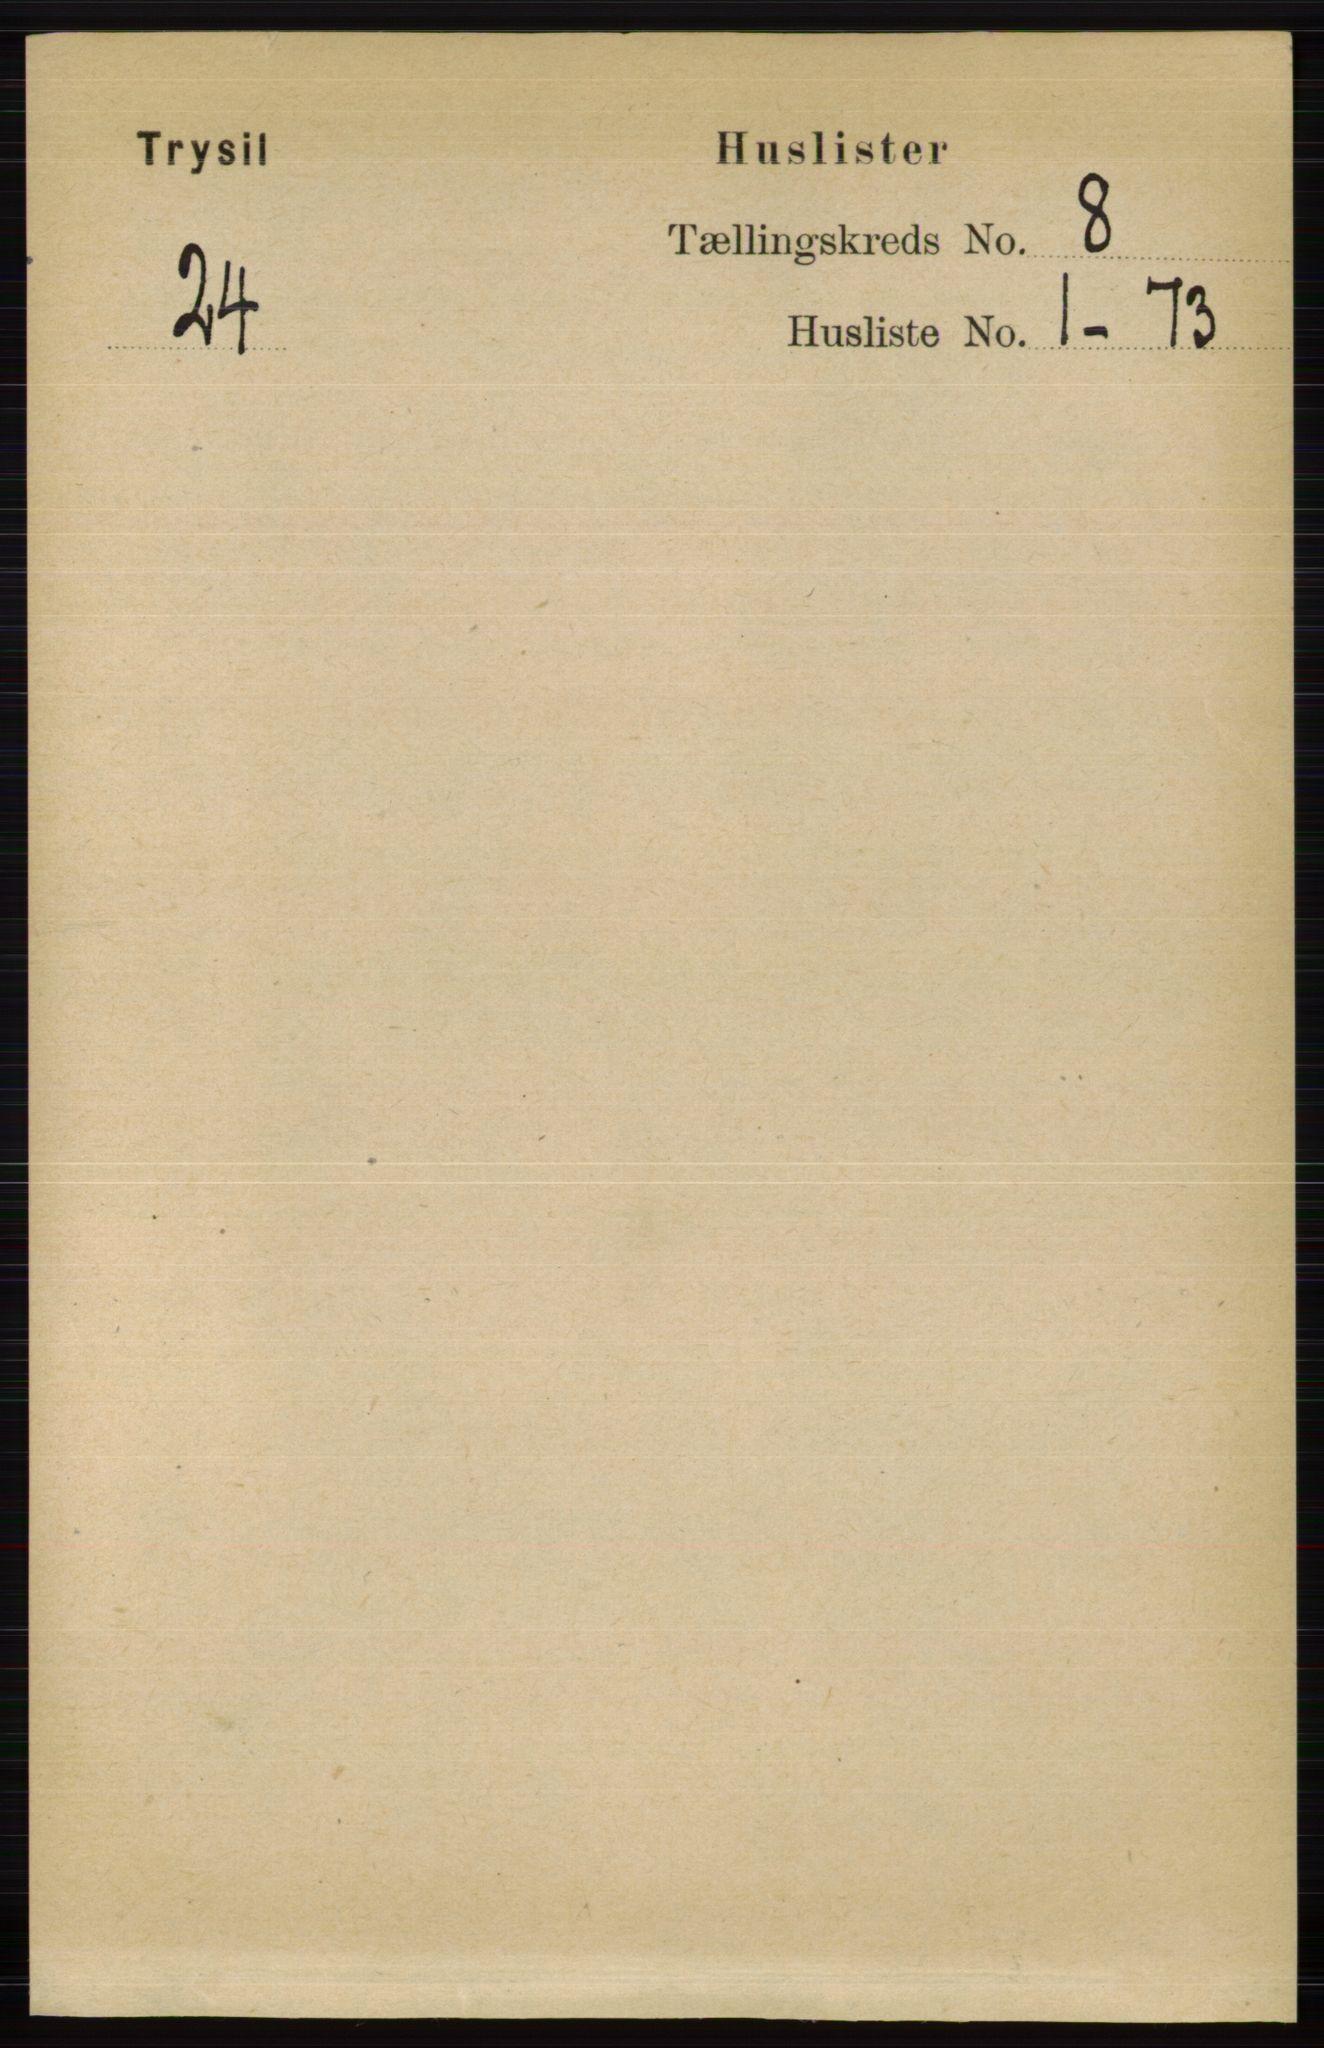 RA, Folketelling 1891 for 0428 Trysil herred, 1891, s. 3564